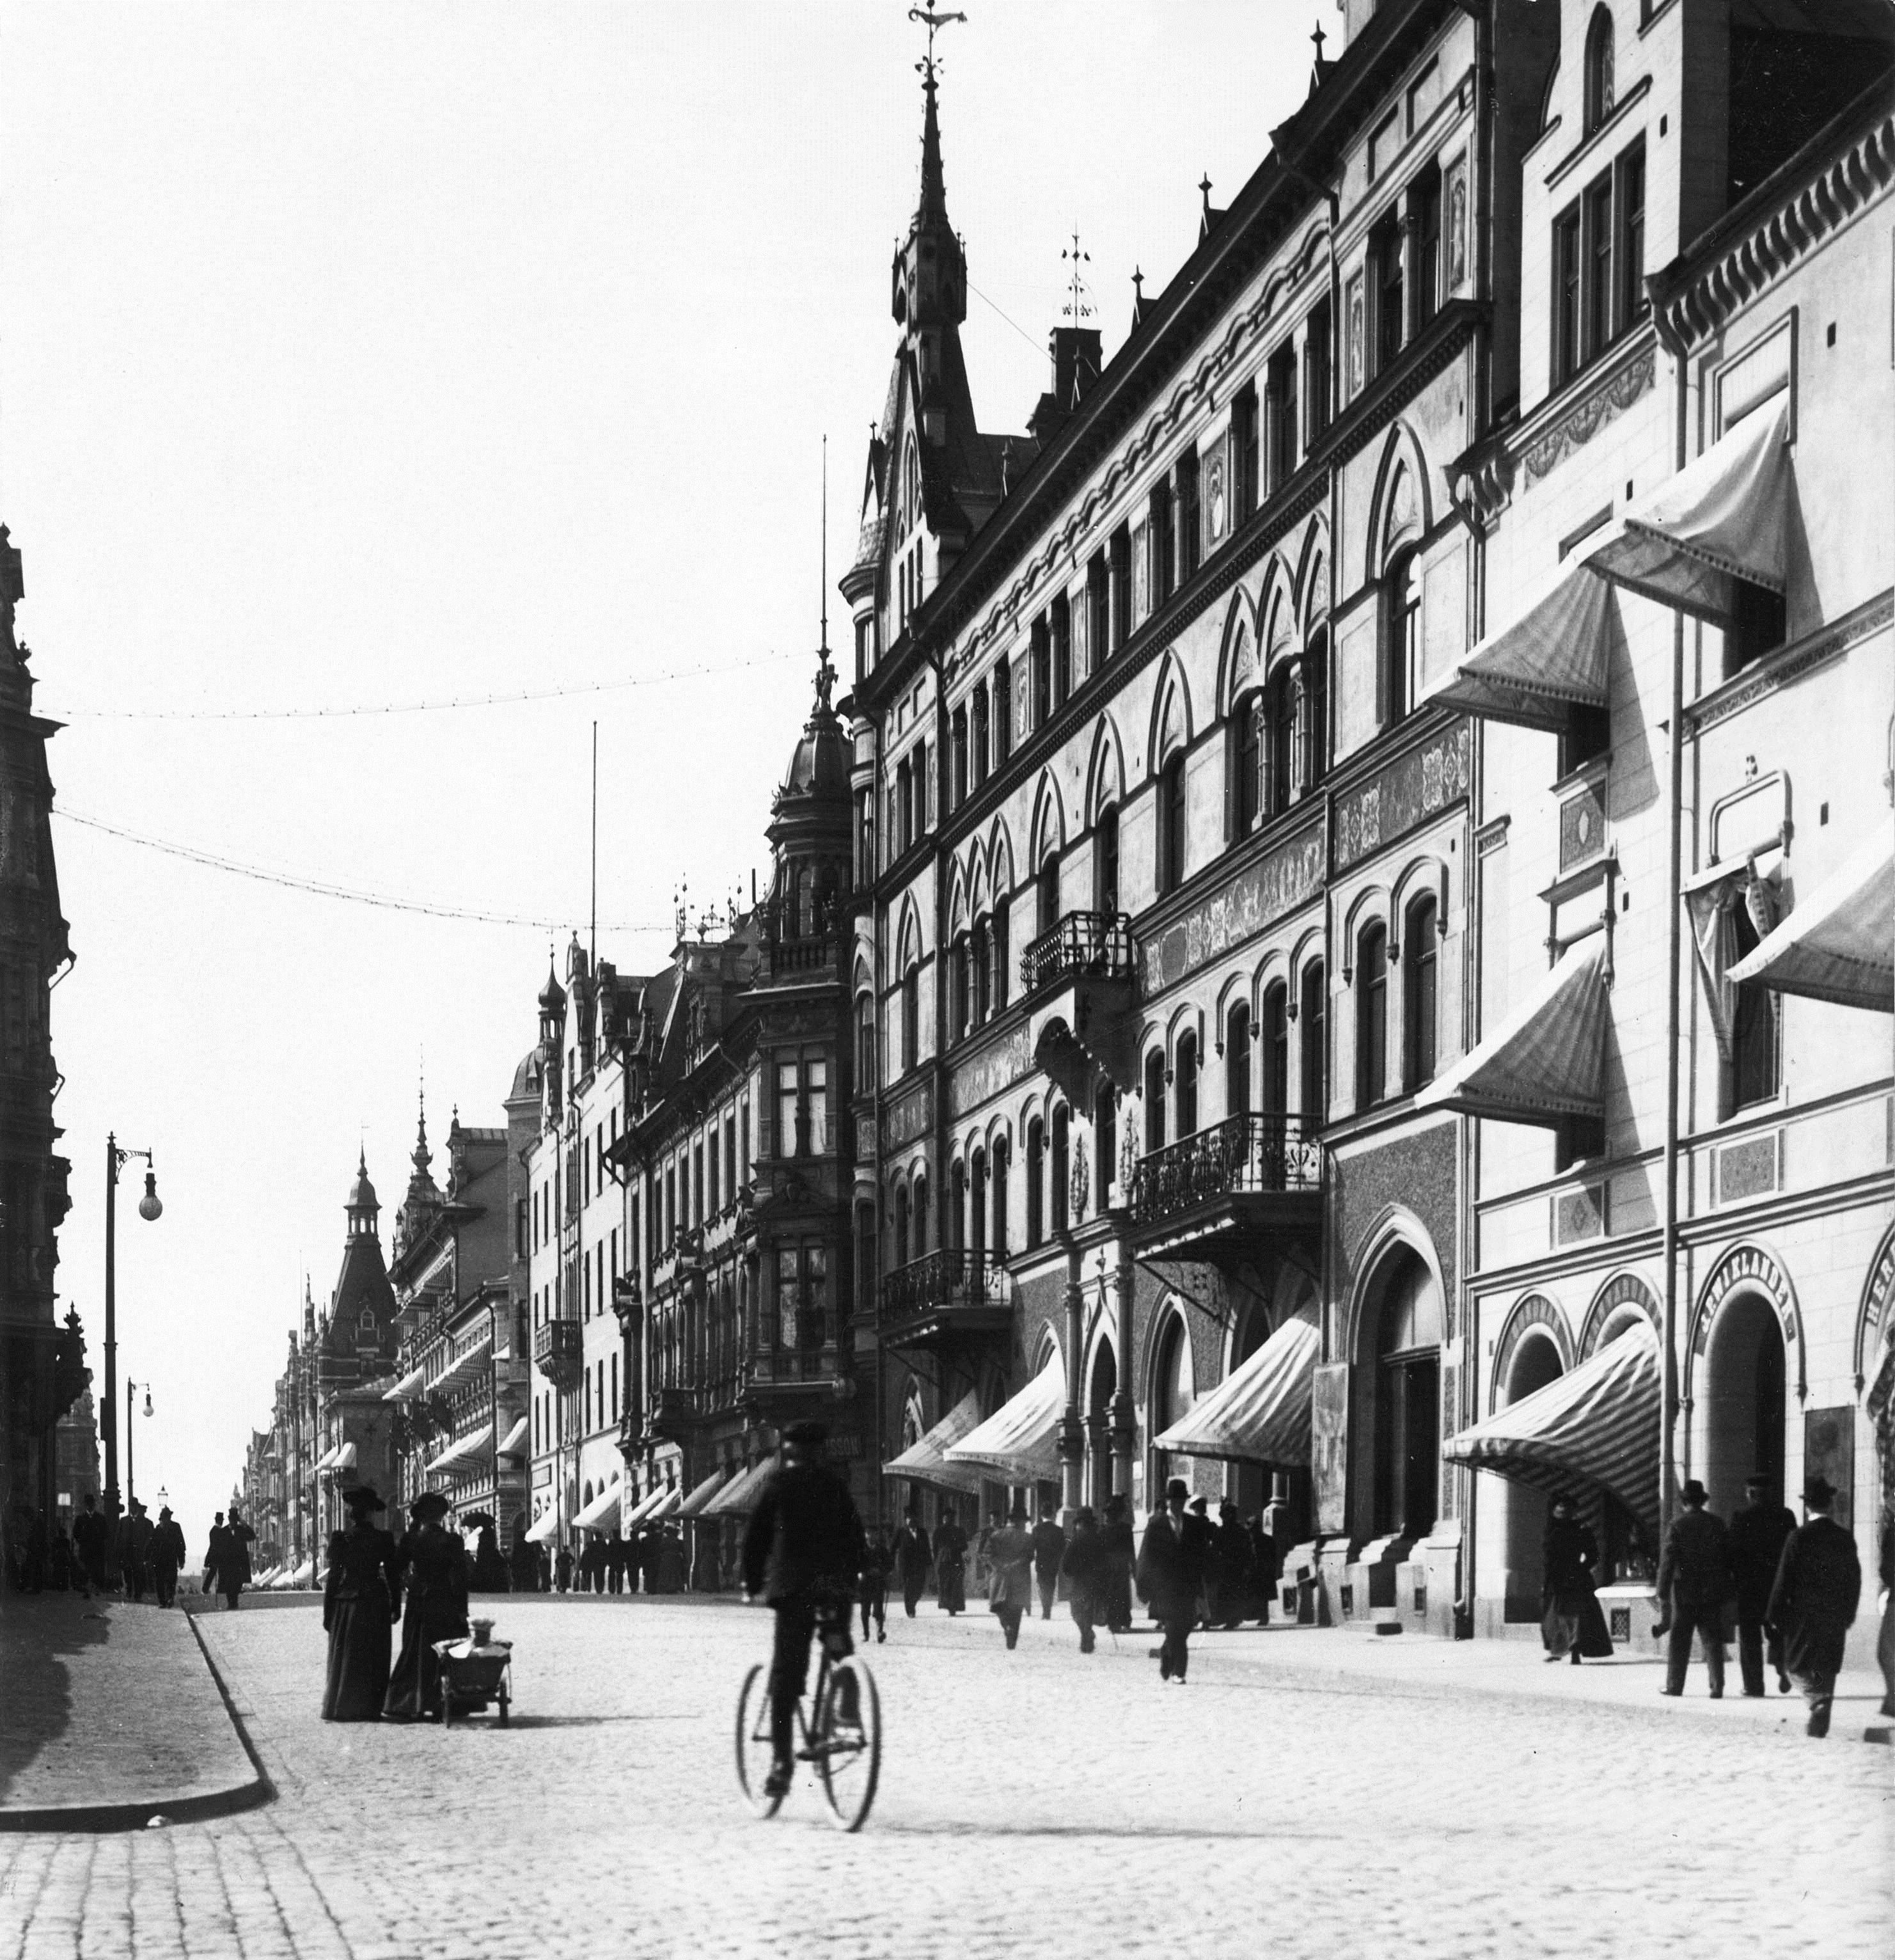 Vandring: Stenstadens arkitekter